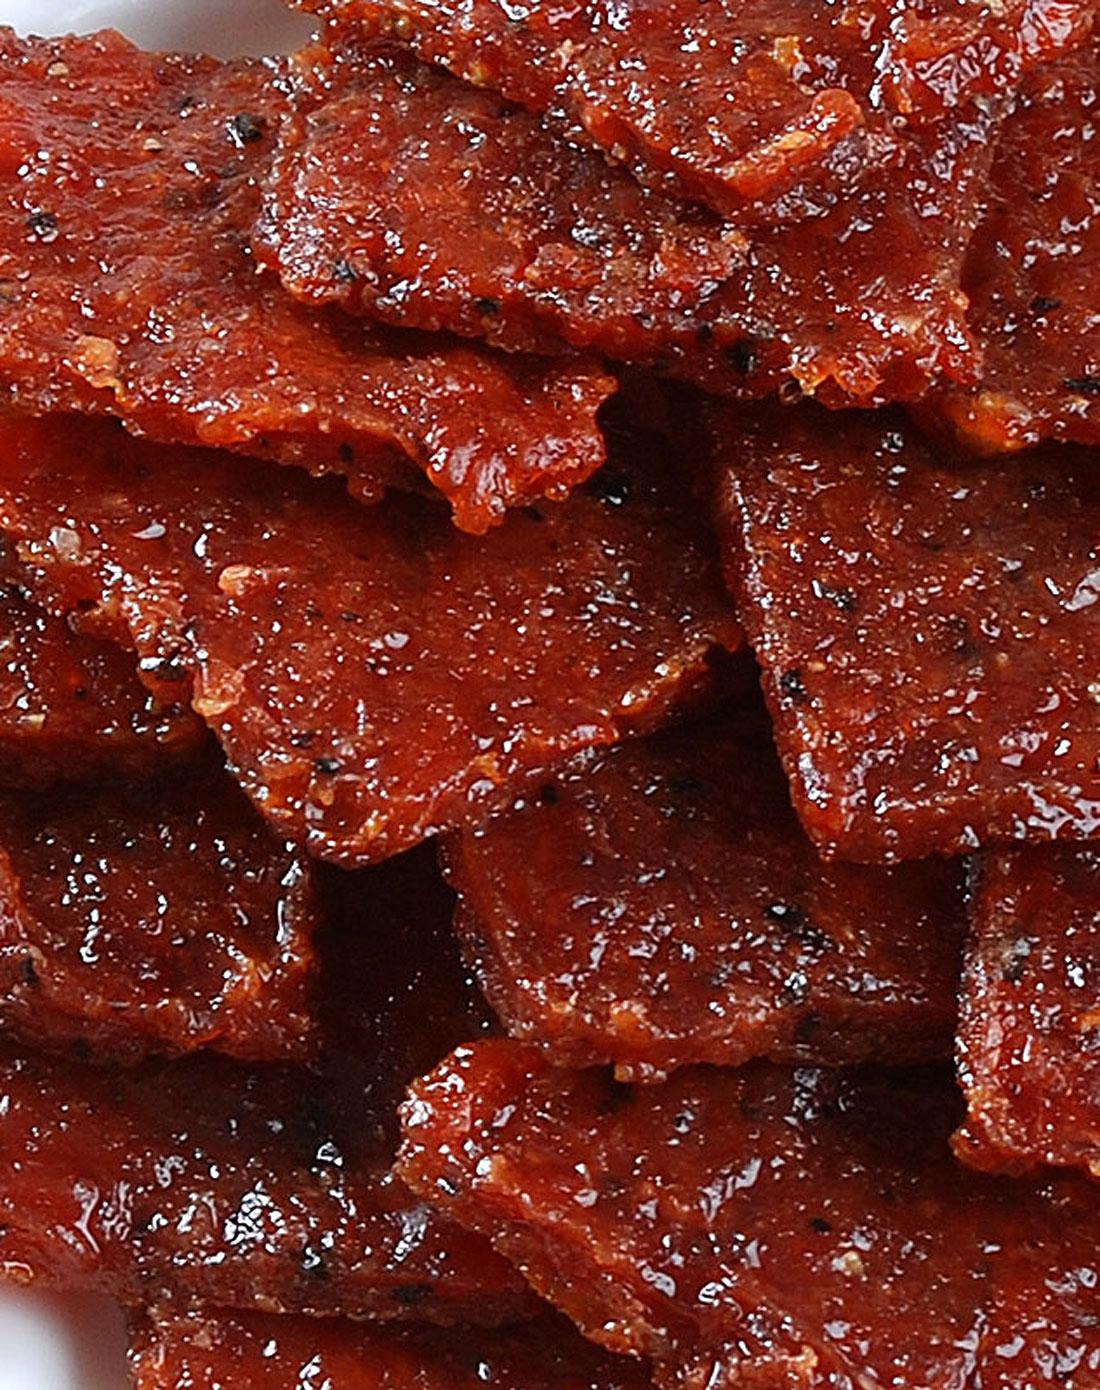 台州英记黑椒猪肉干片250g澳门青蟹v猪肉塘图片